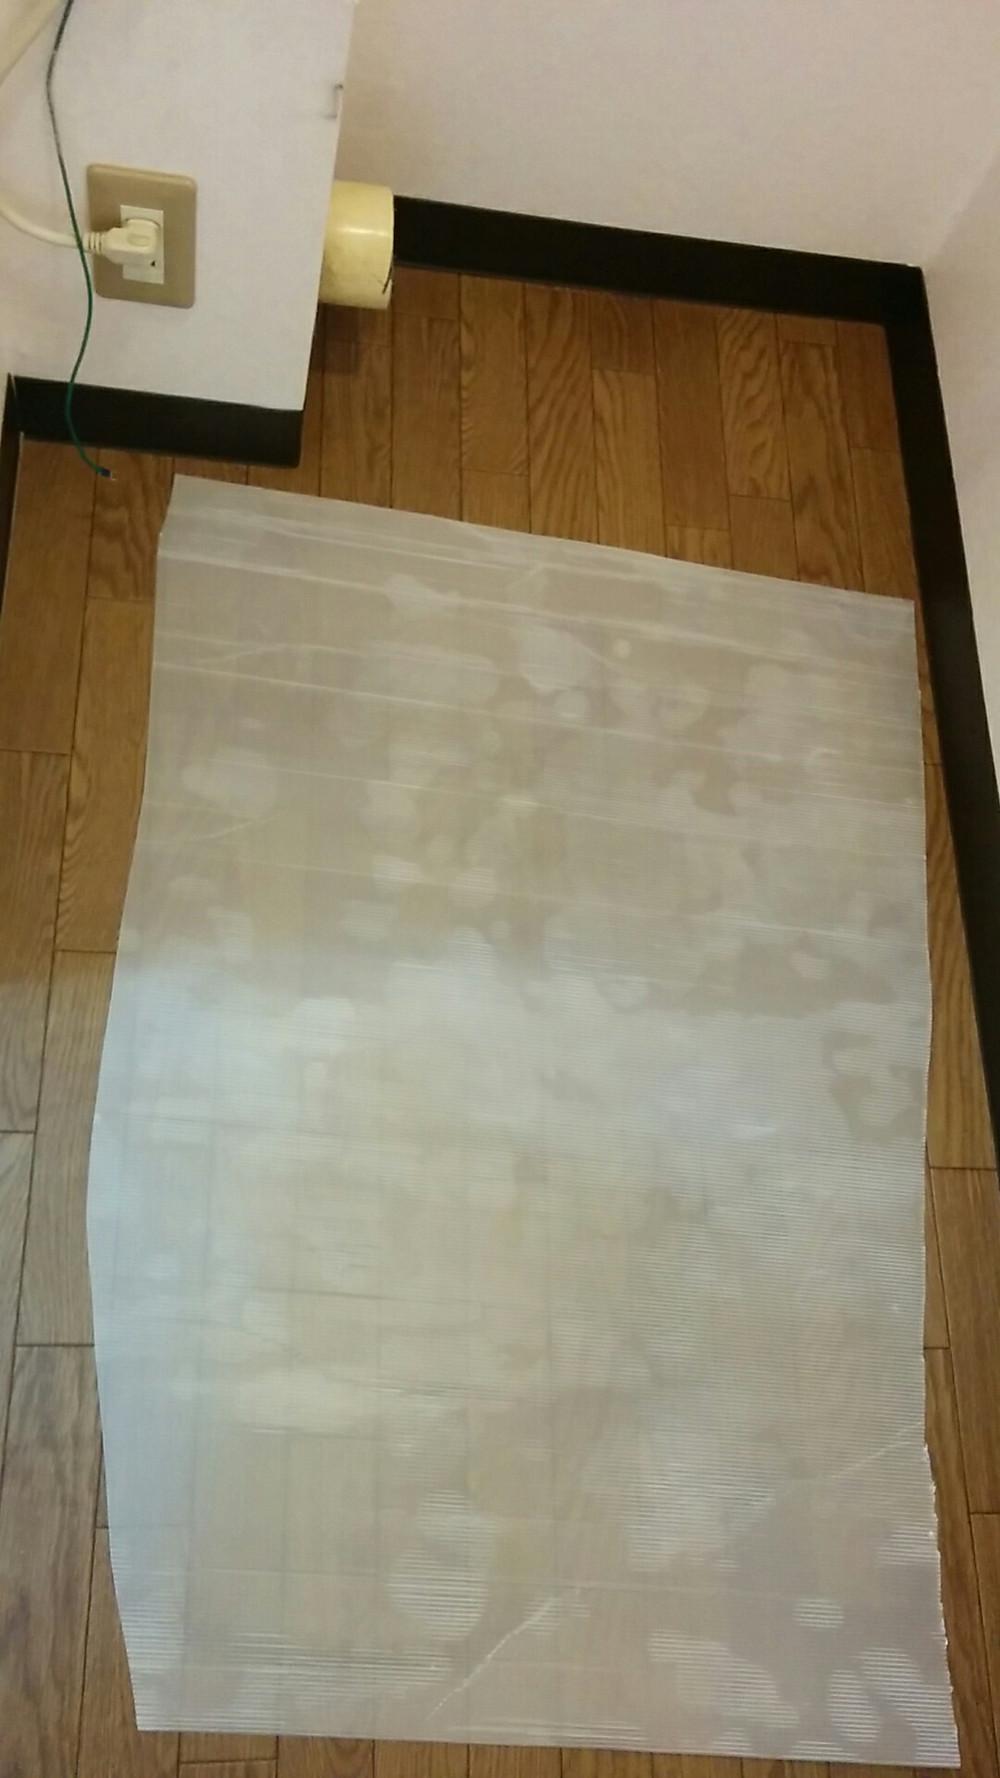 トイレ内装 ソフト巾木 施工後